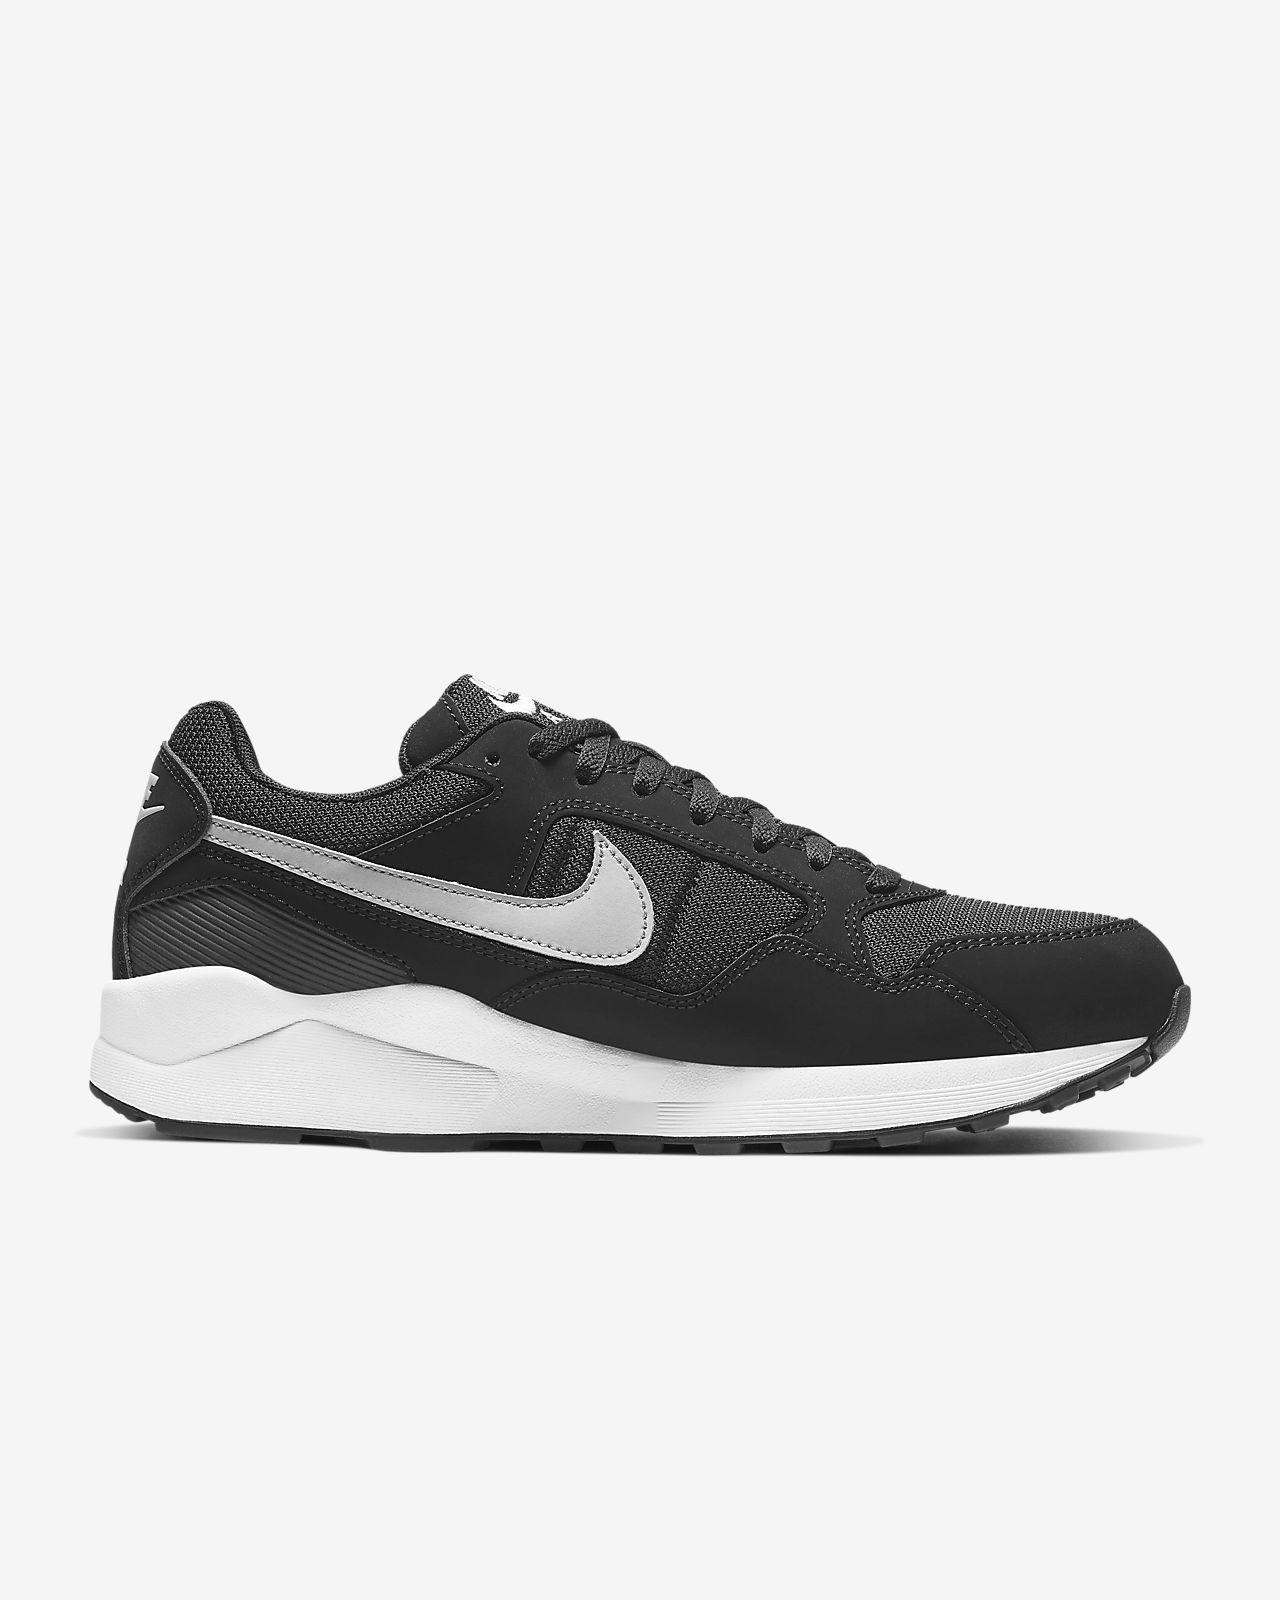 wholesale dealer 8edb6 c3ff1 Nike Air Pegasus 92 Lite Men's Shoe